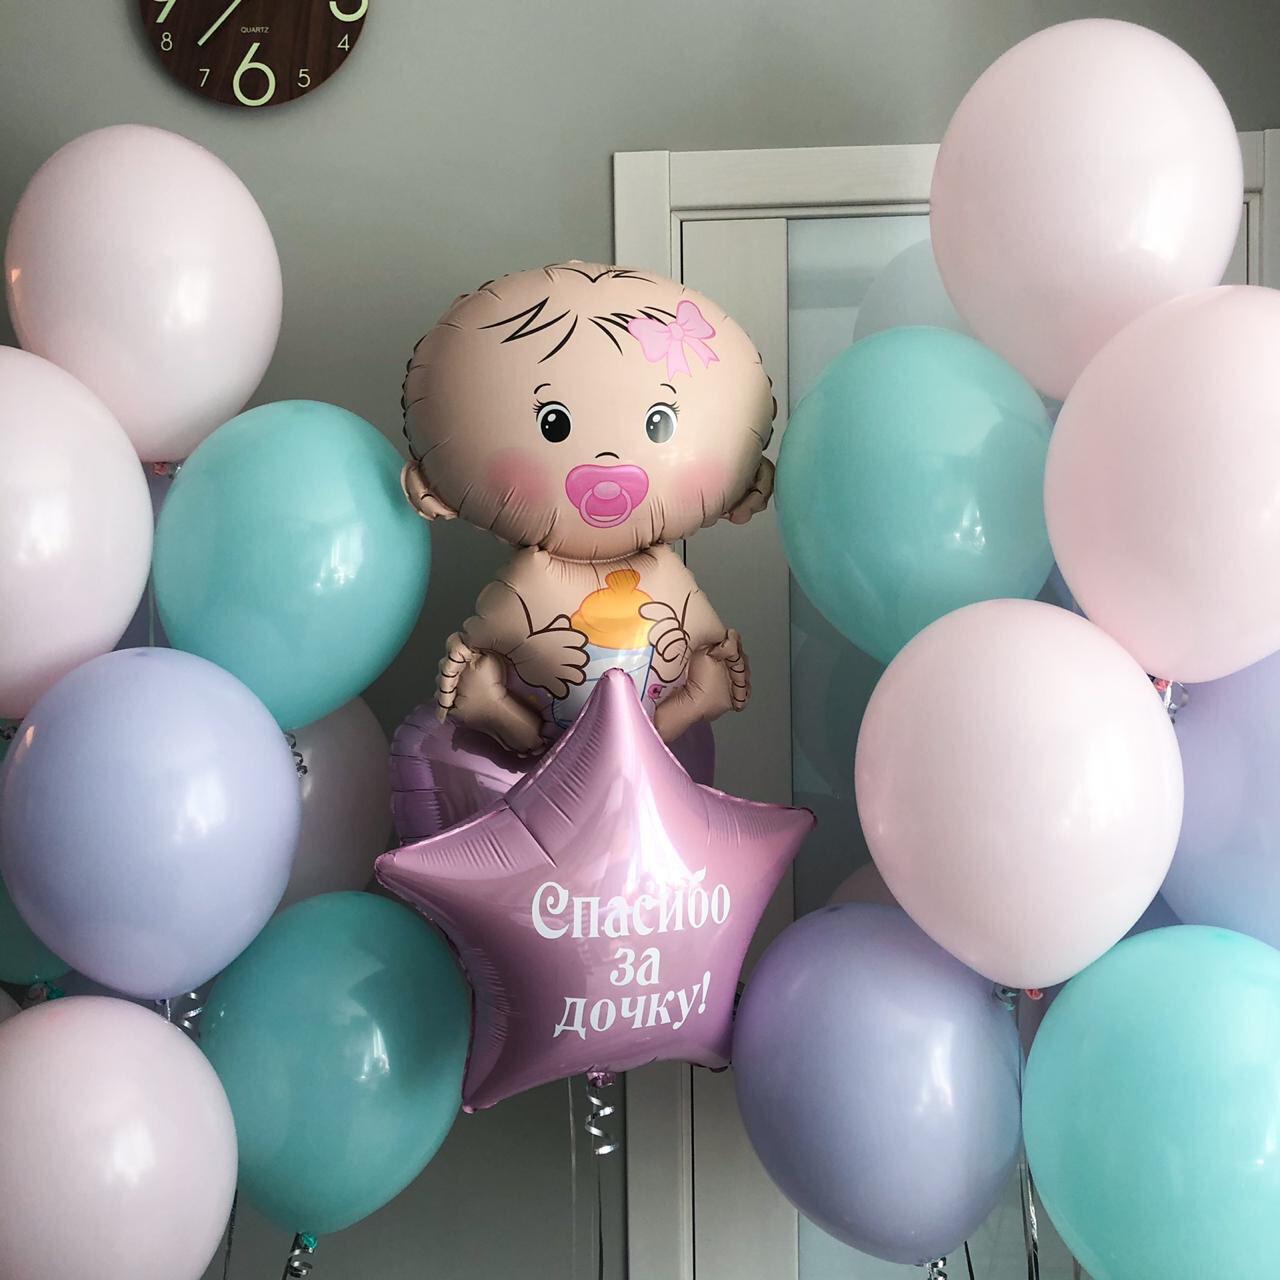 Композиция из воздушных шаров по случаю рождения девочки с индивидуальной поздравительной надписью.